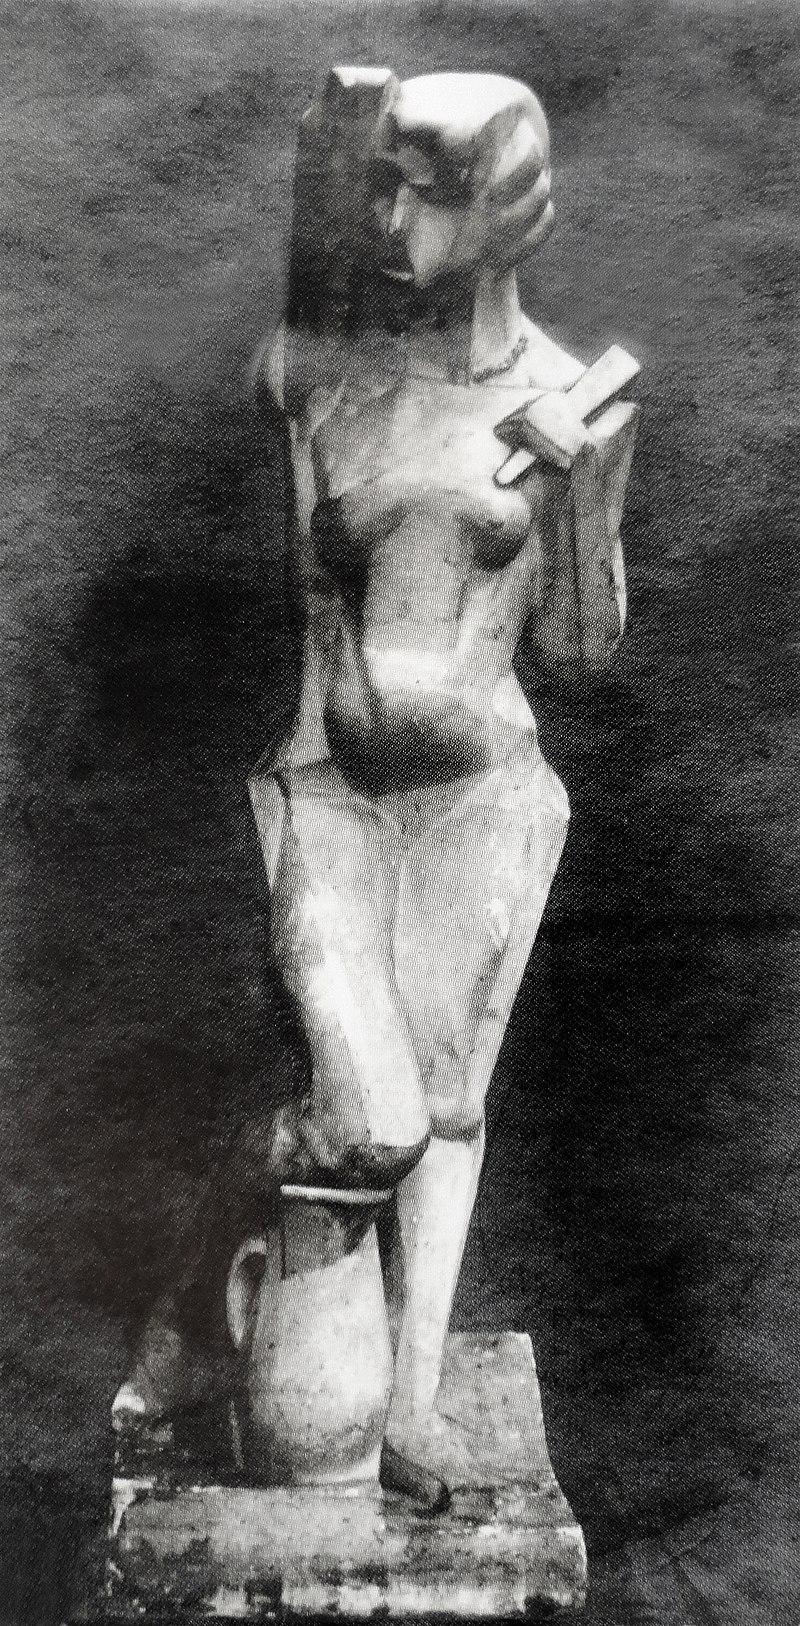 Joseph Csaky, 1912, Danseuse, Femme %C3%A0 l%27%C3%A9ventail, Femme %C3%A0 la cruche, original plaster, photo from Csaky archives AC.110.jpg